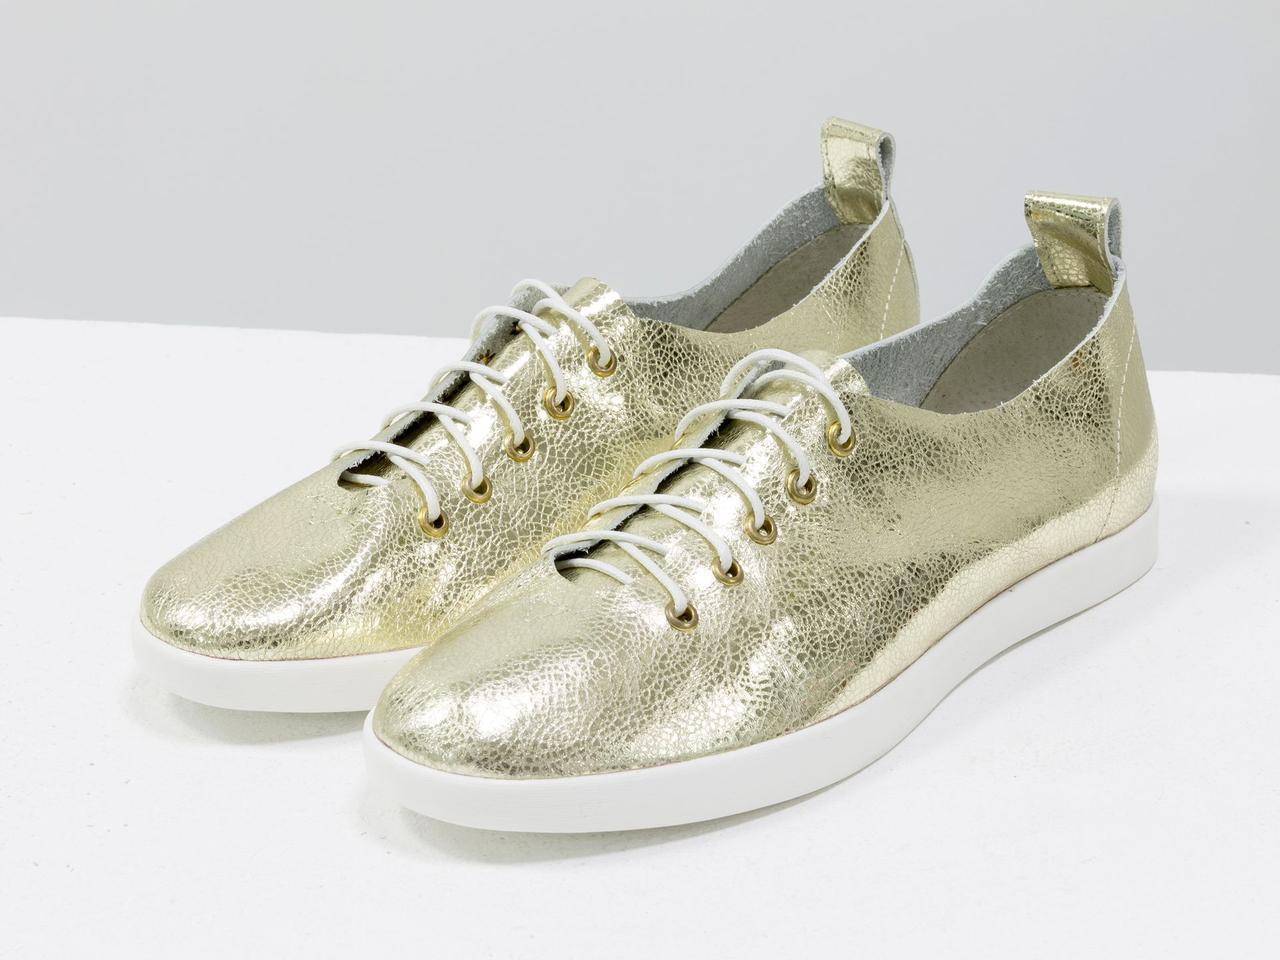 Невероятно легкие туфли-кеды из натуральной кожи золотого цвета на яркой белой подошве - фото 1